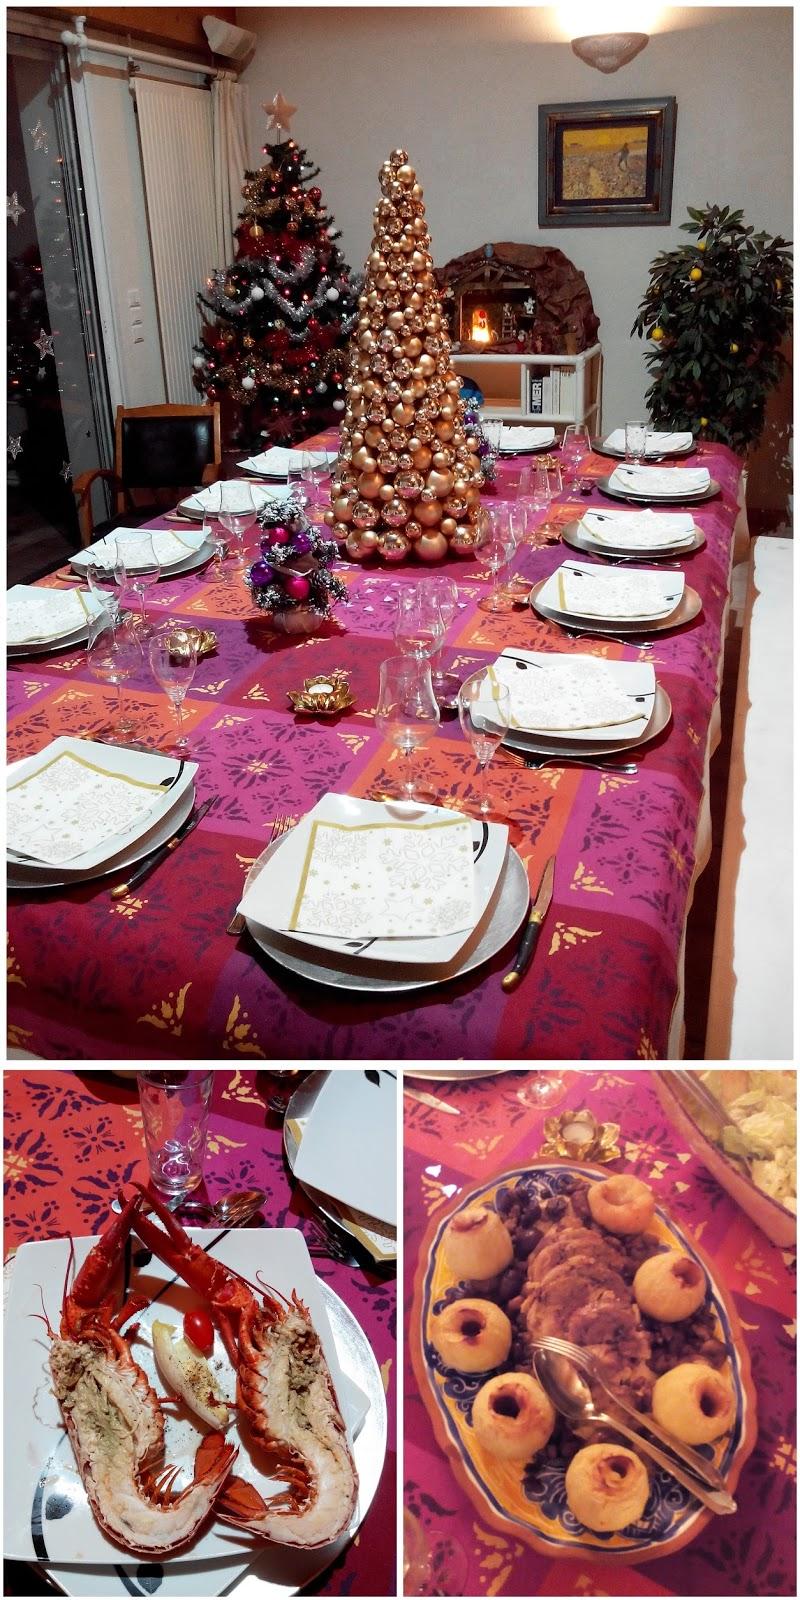 sapin, repas, fêtes, sapin, homard, bullelodie